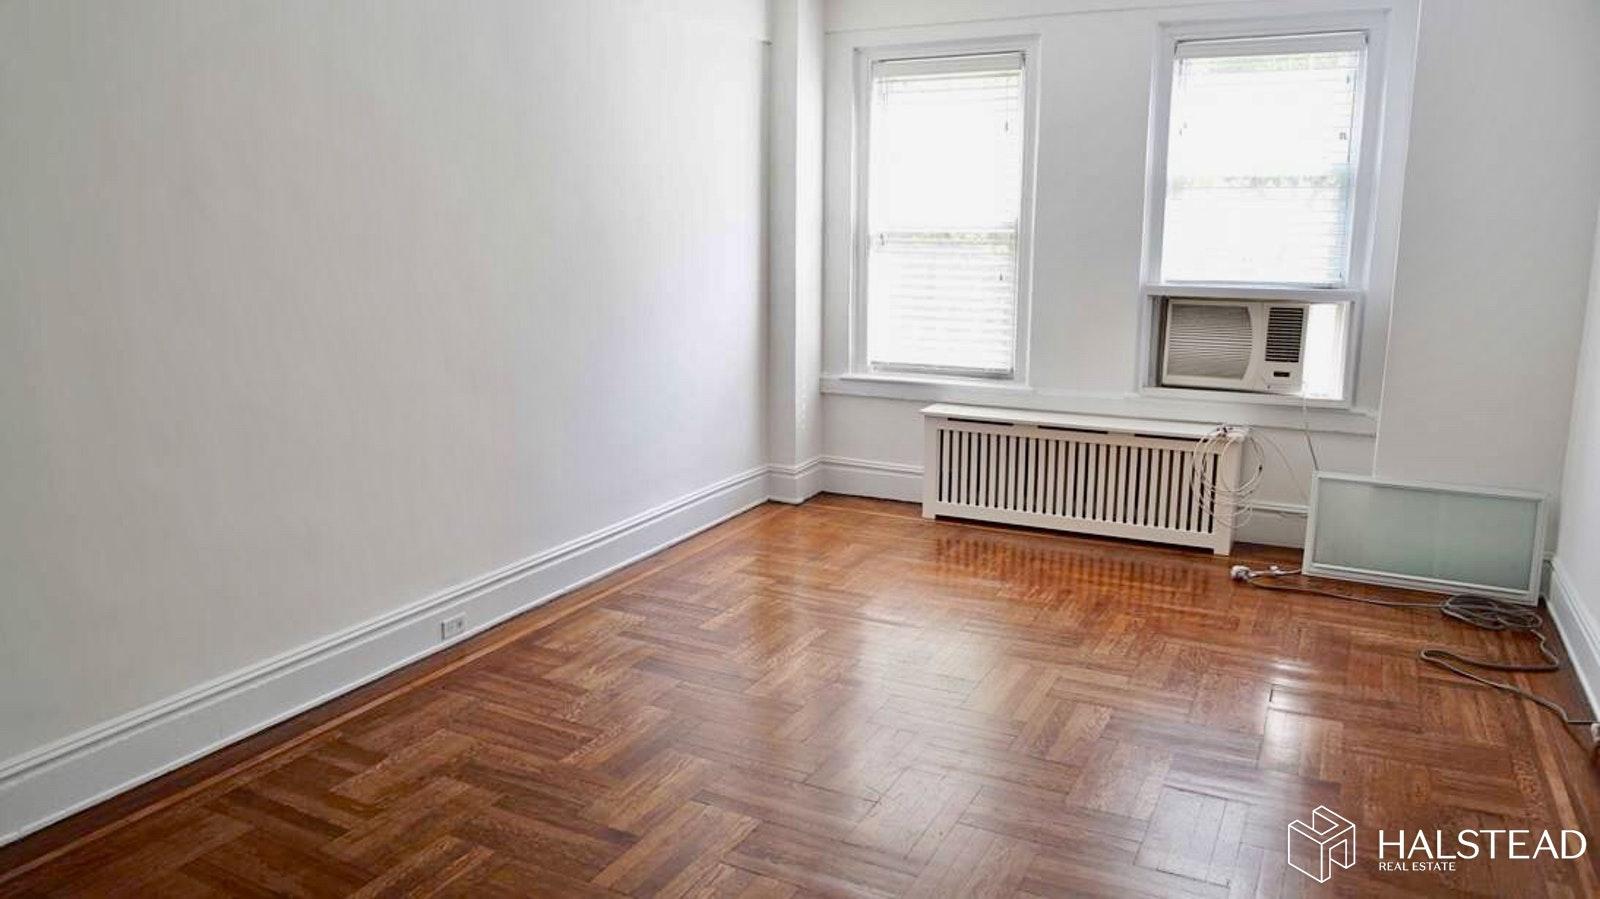 269 WEST 72ND STREET 3A, Upper West Side, $2,800, Web #: 19774971